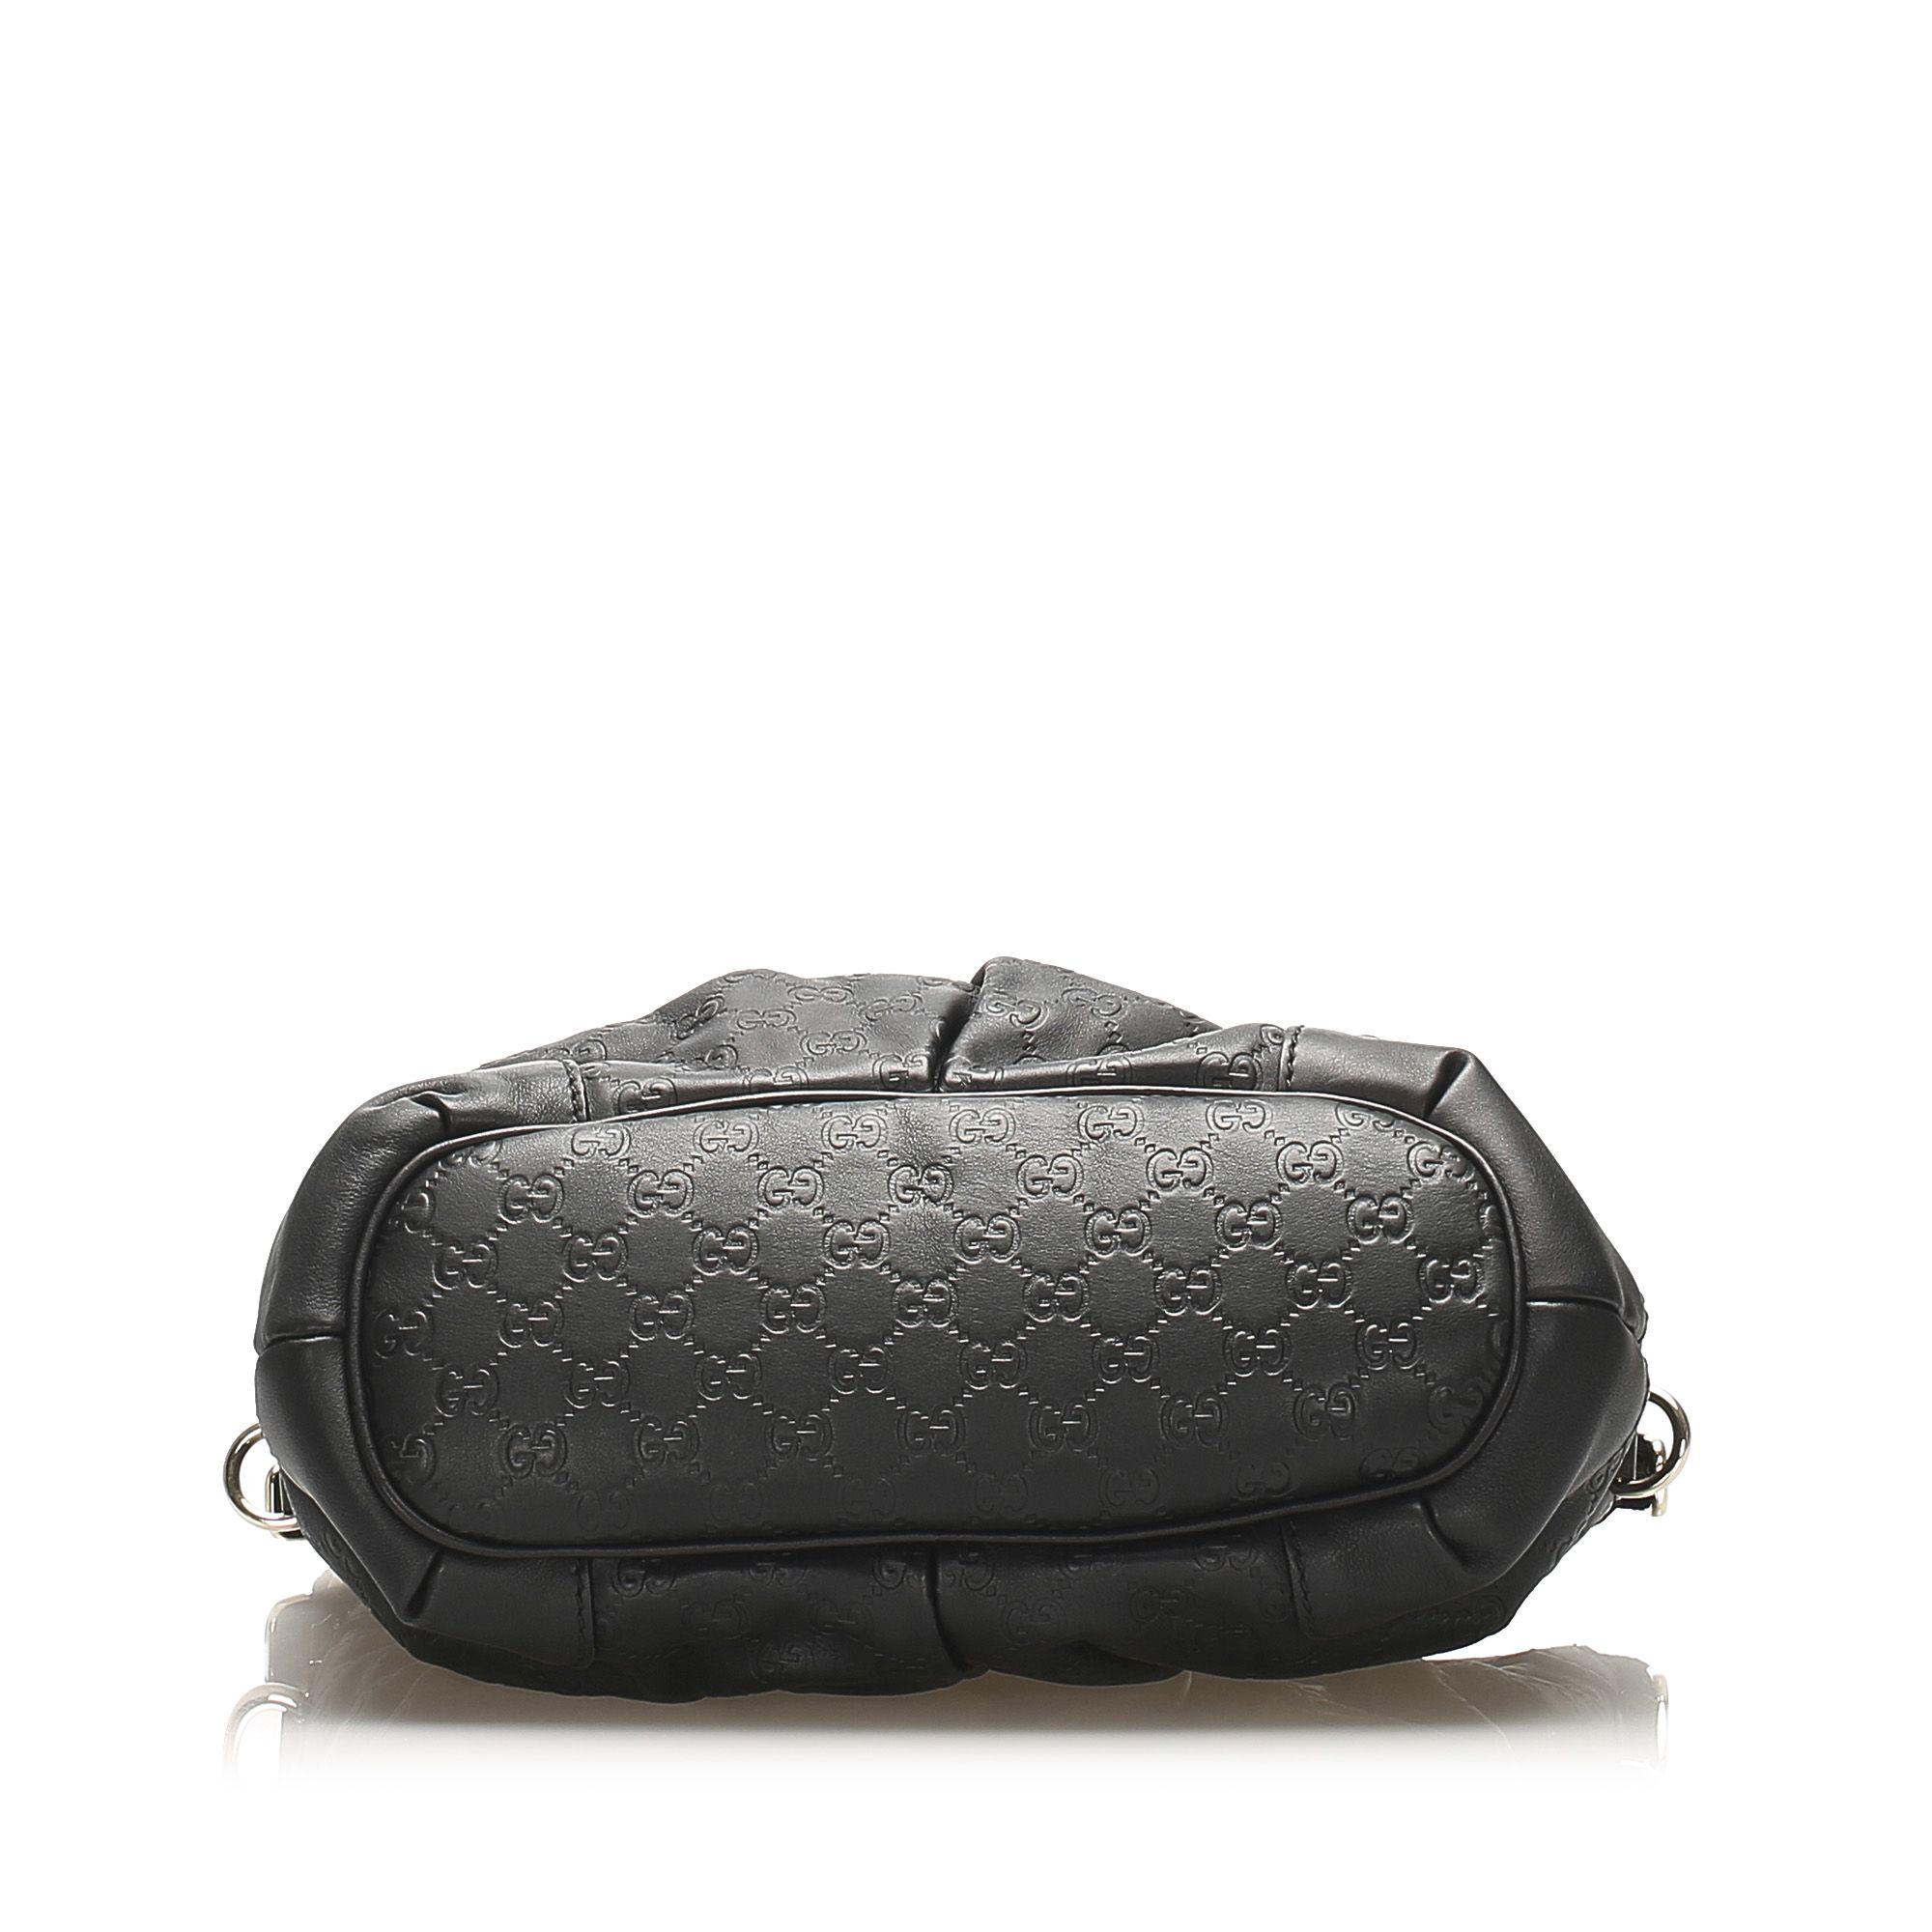 Vintage Gucci Guccissima Sukey Handbag Black